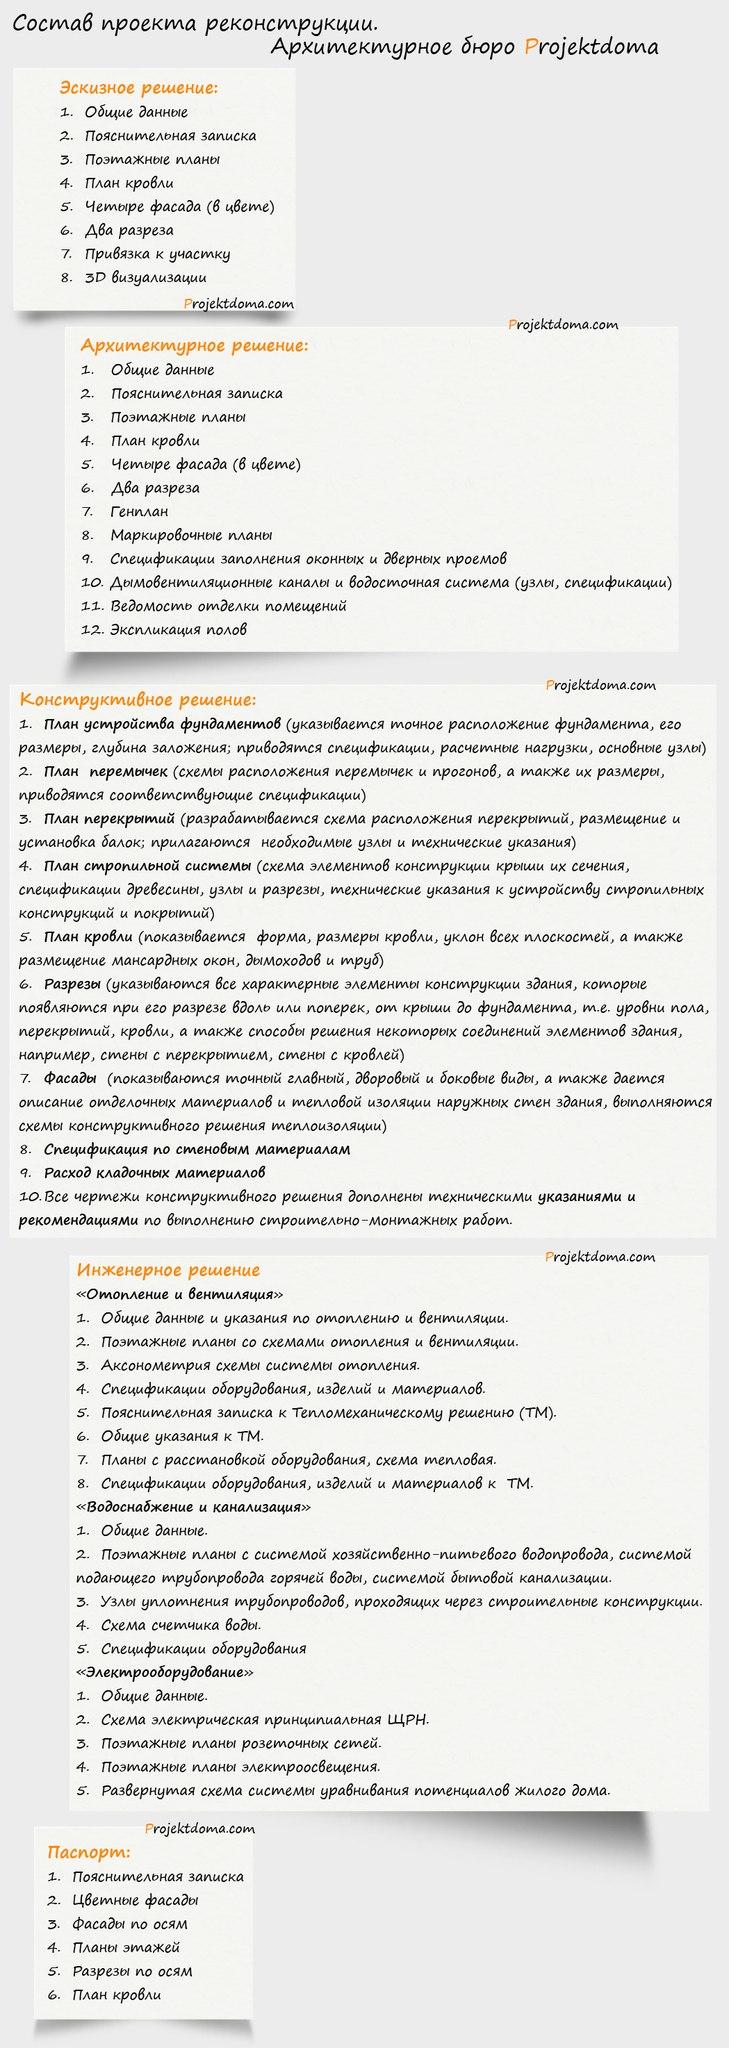 Состав проекта реконструкции